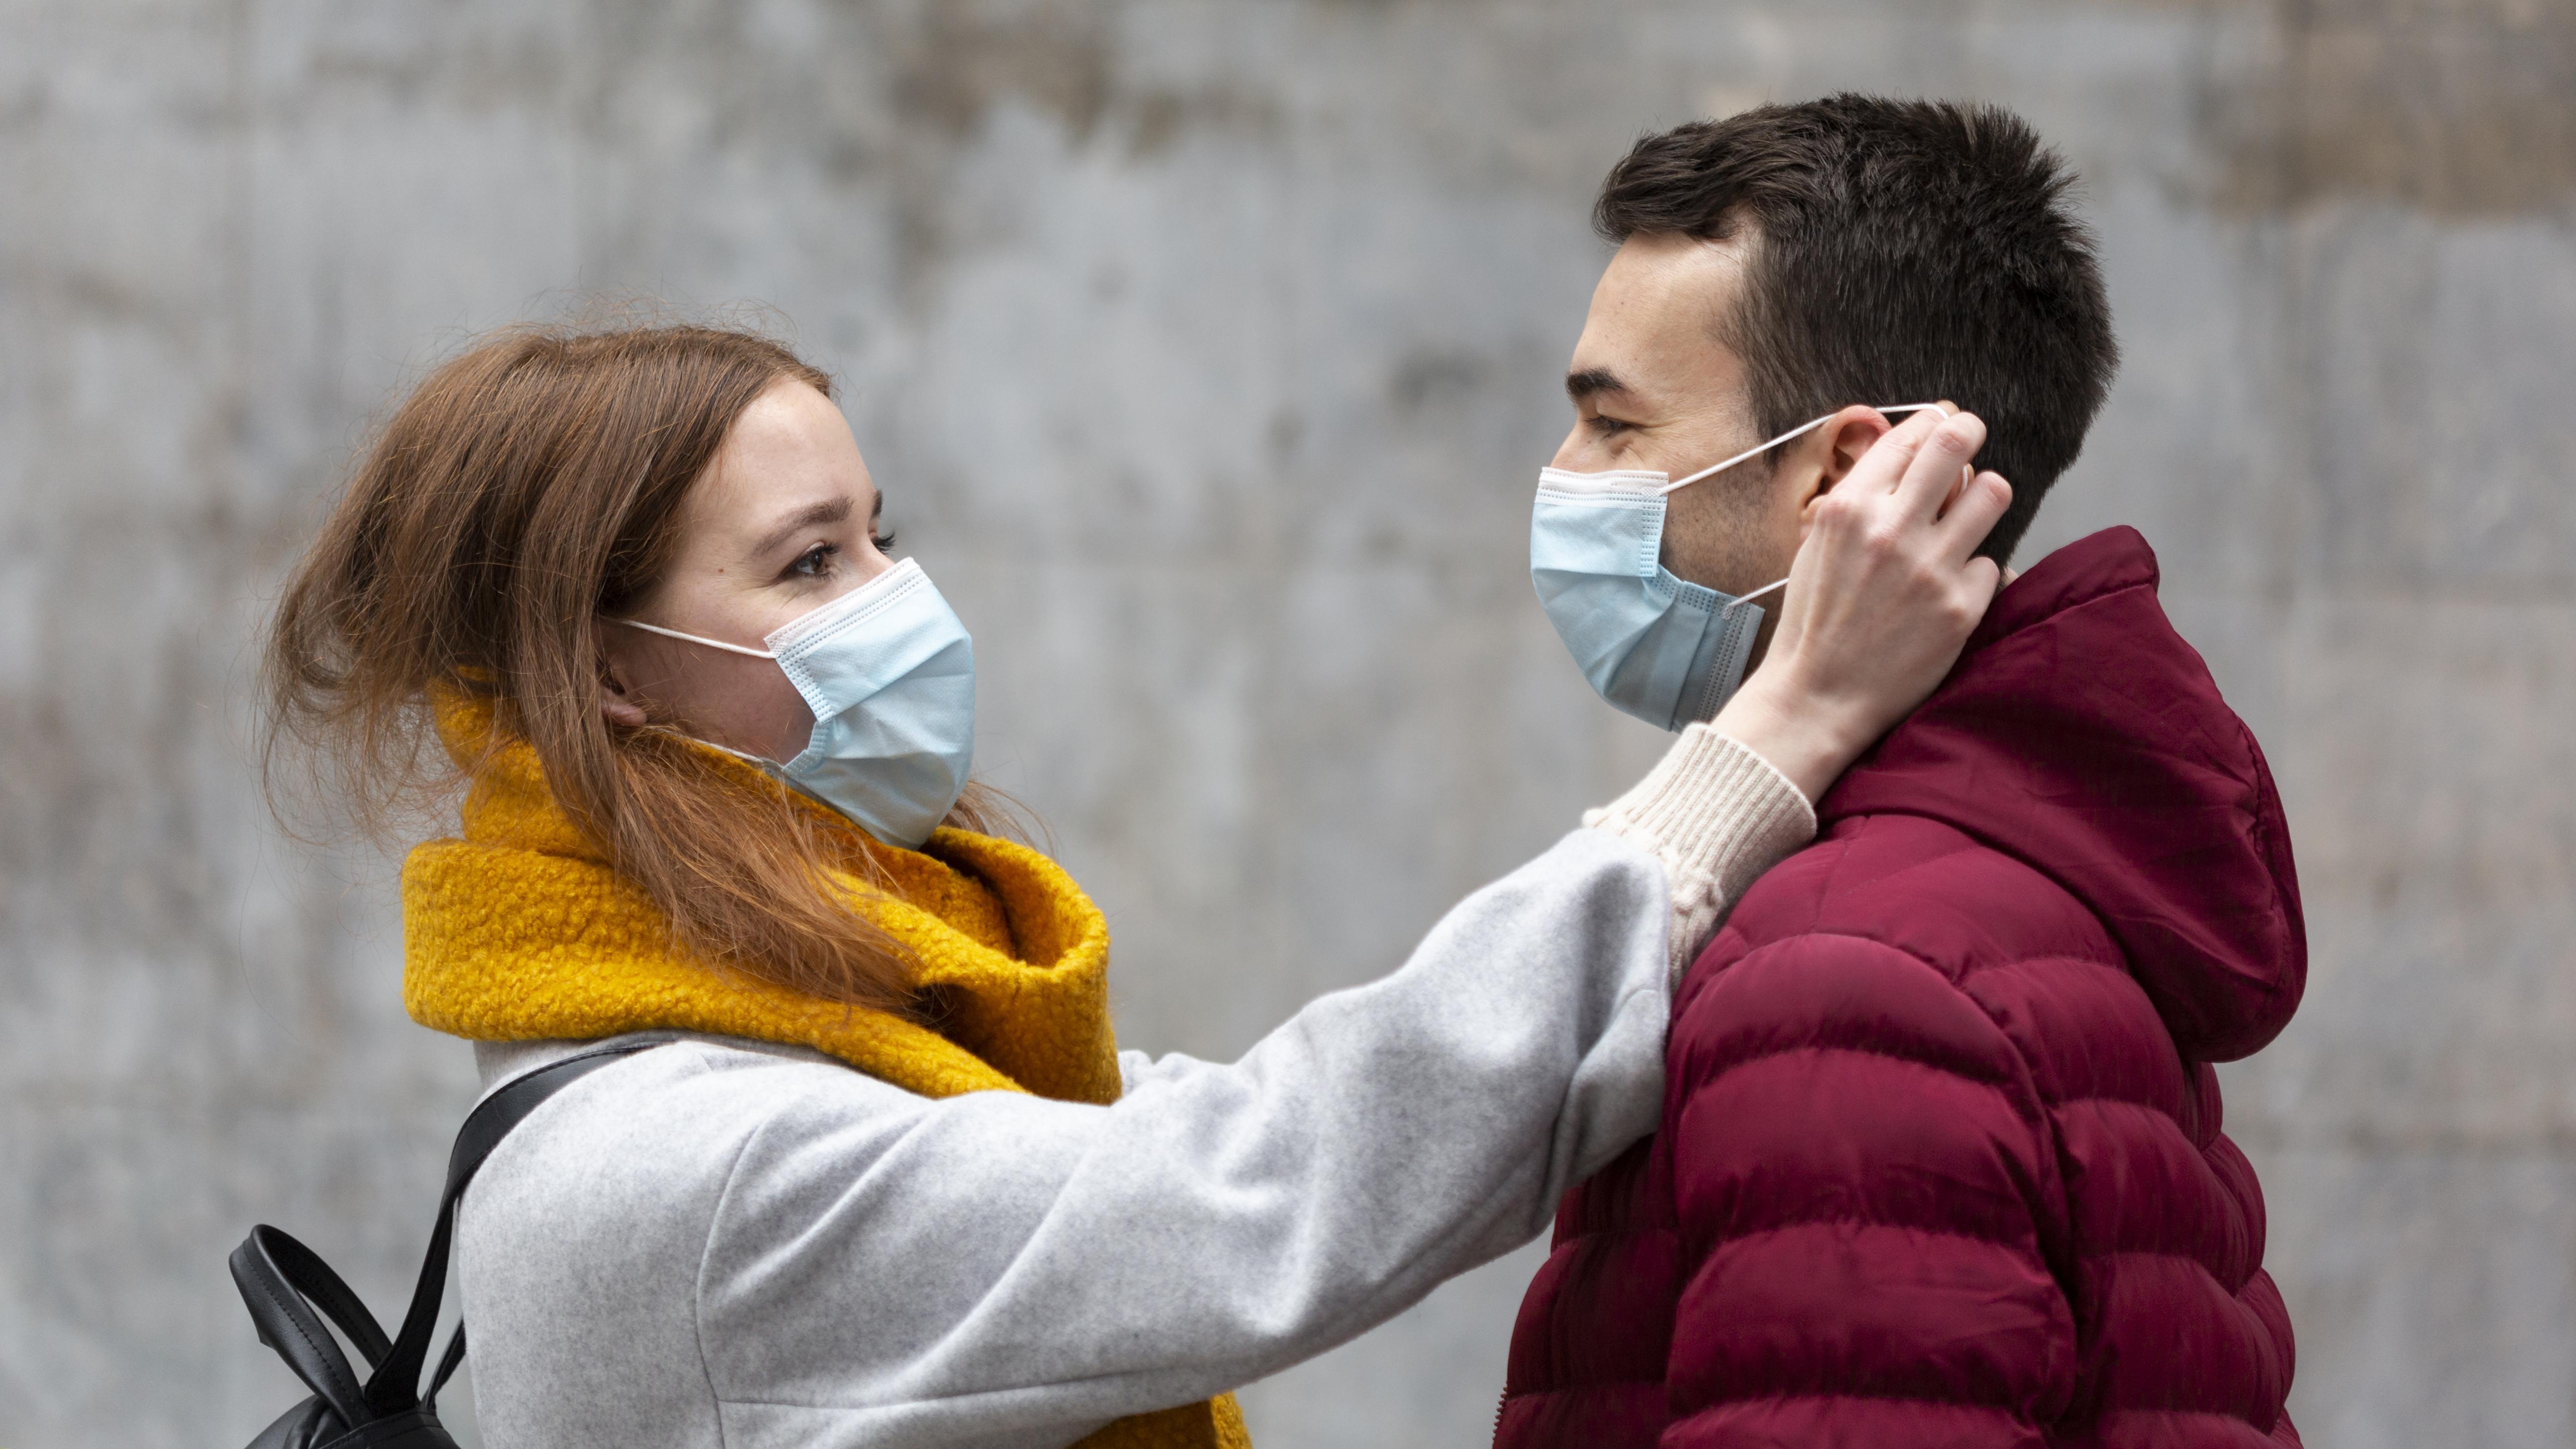 pandemia a psicologia